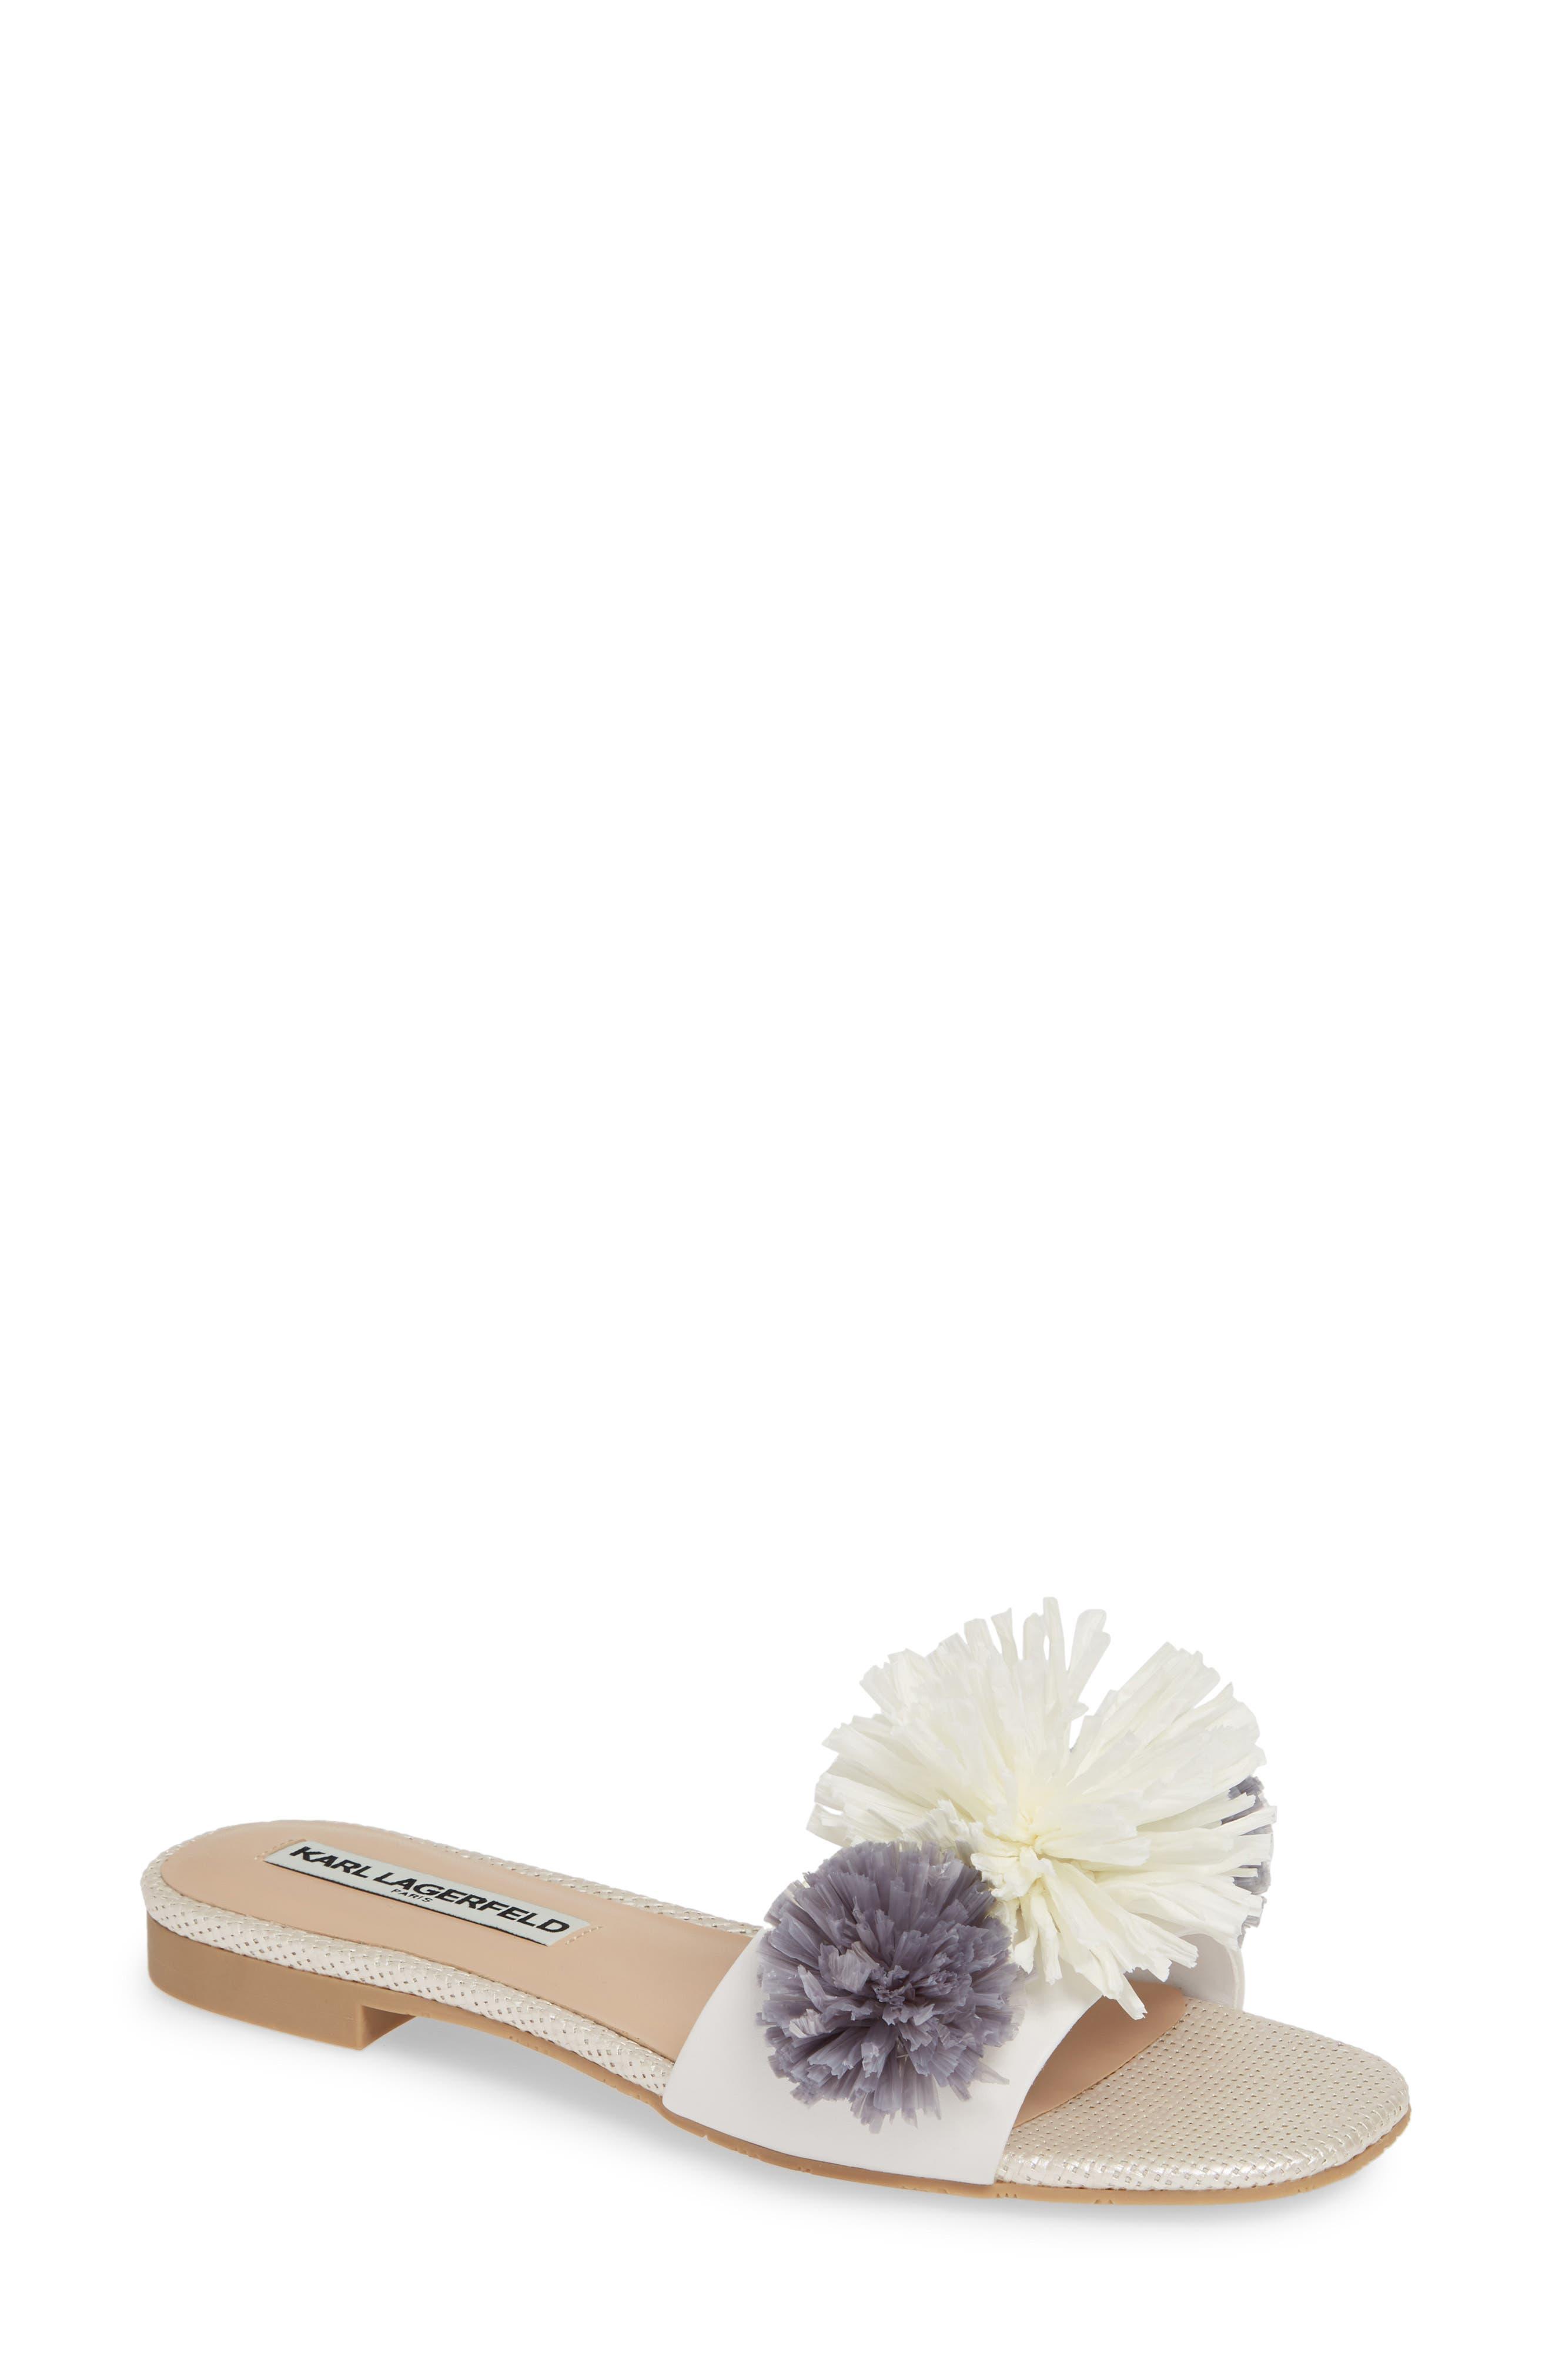 Karl Lagerfeld Paris Rainey Slide Sandal- White